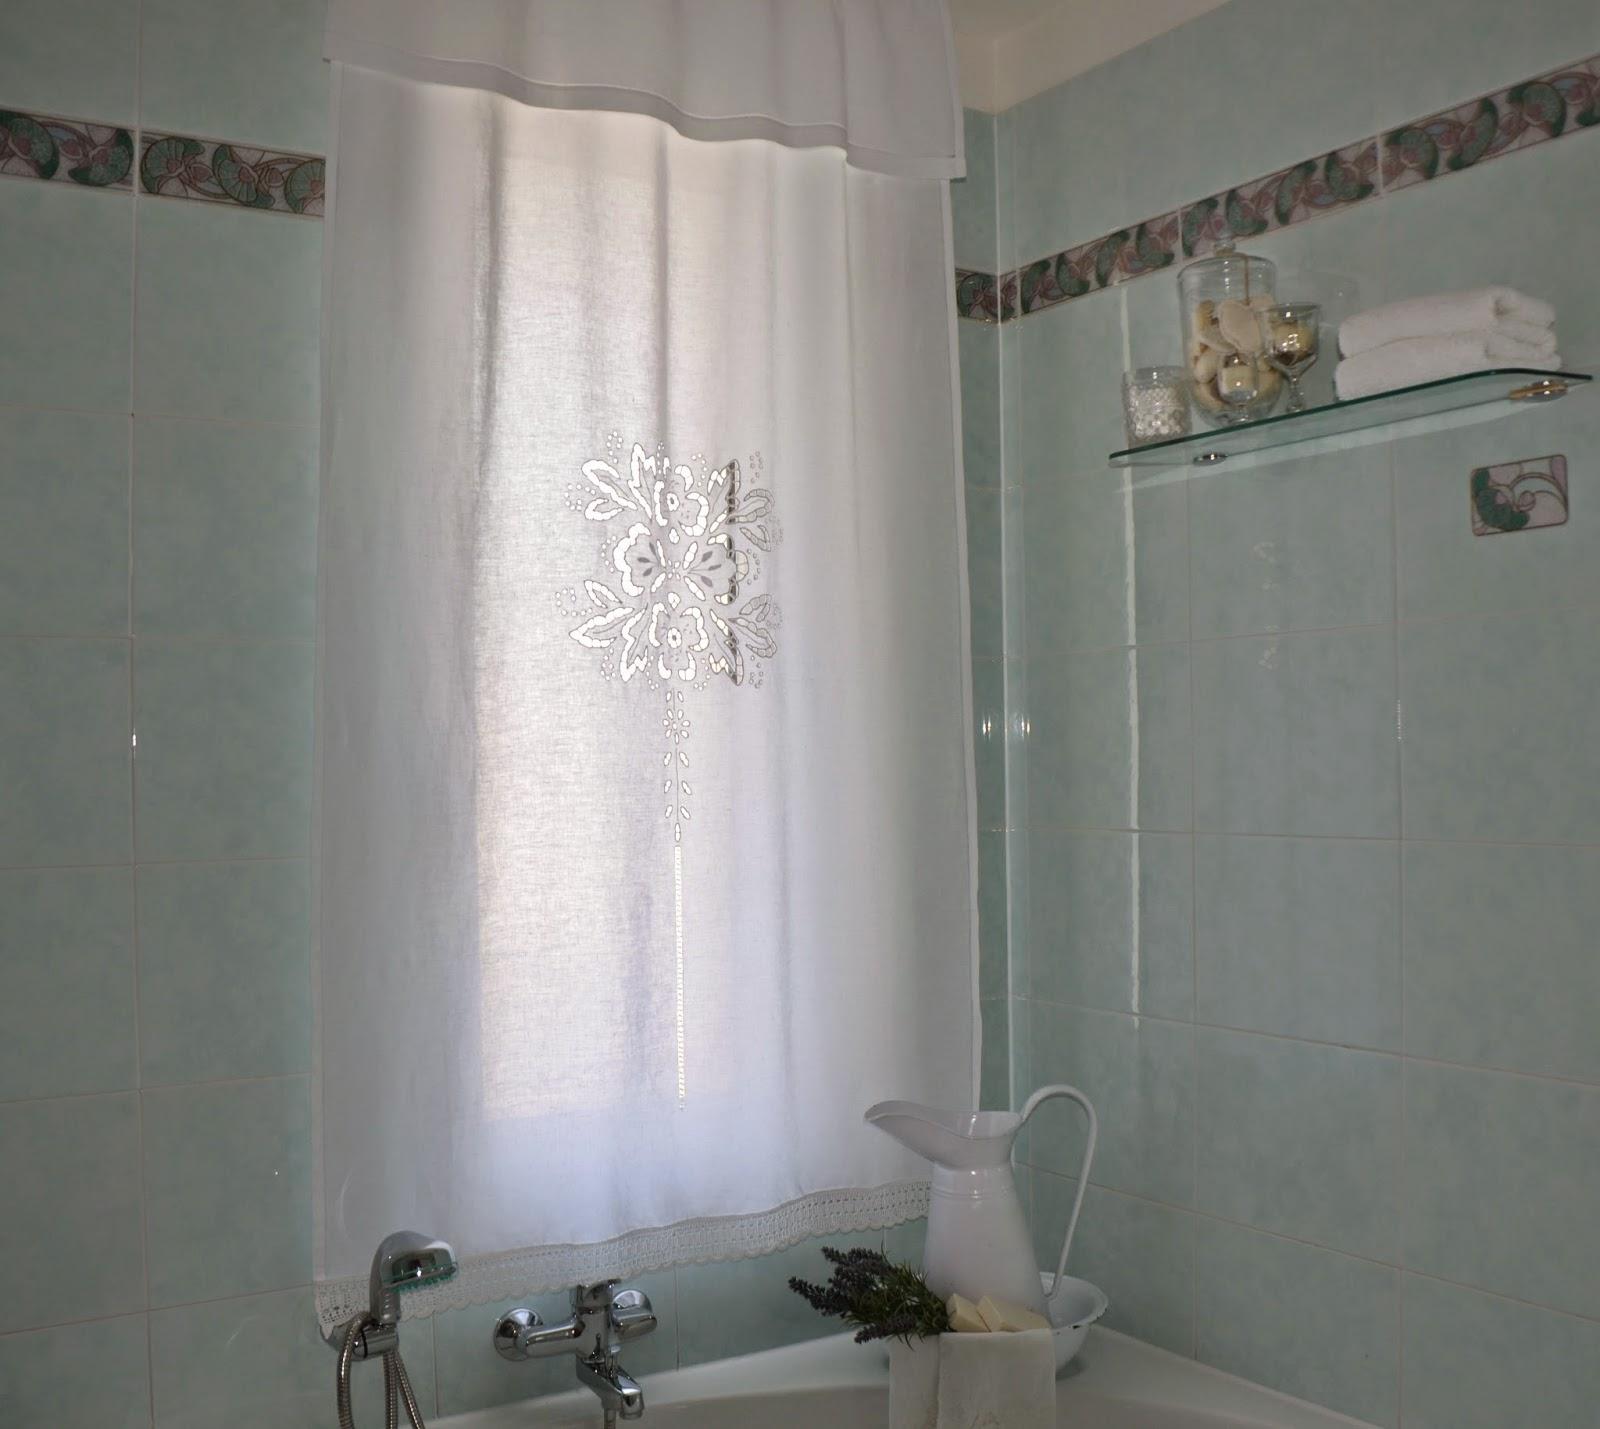 Croci e delizie nuova tenda per il bagno a punto intaglio - Tende a vetro per bagno ...